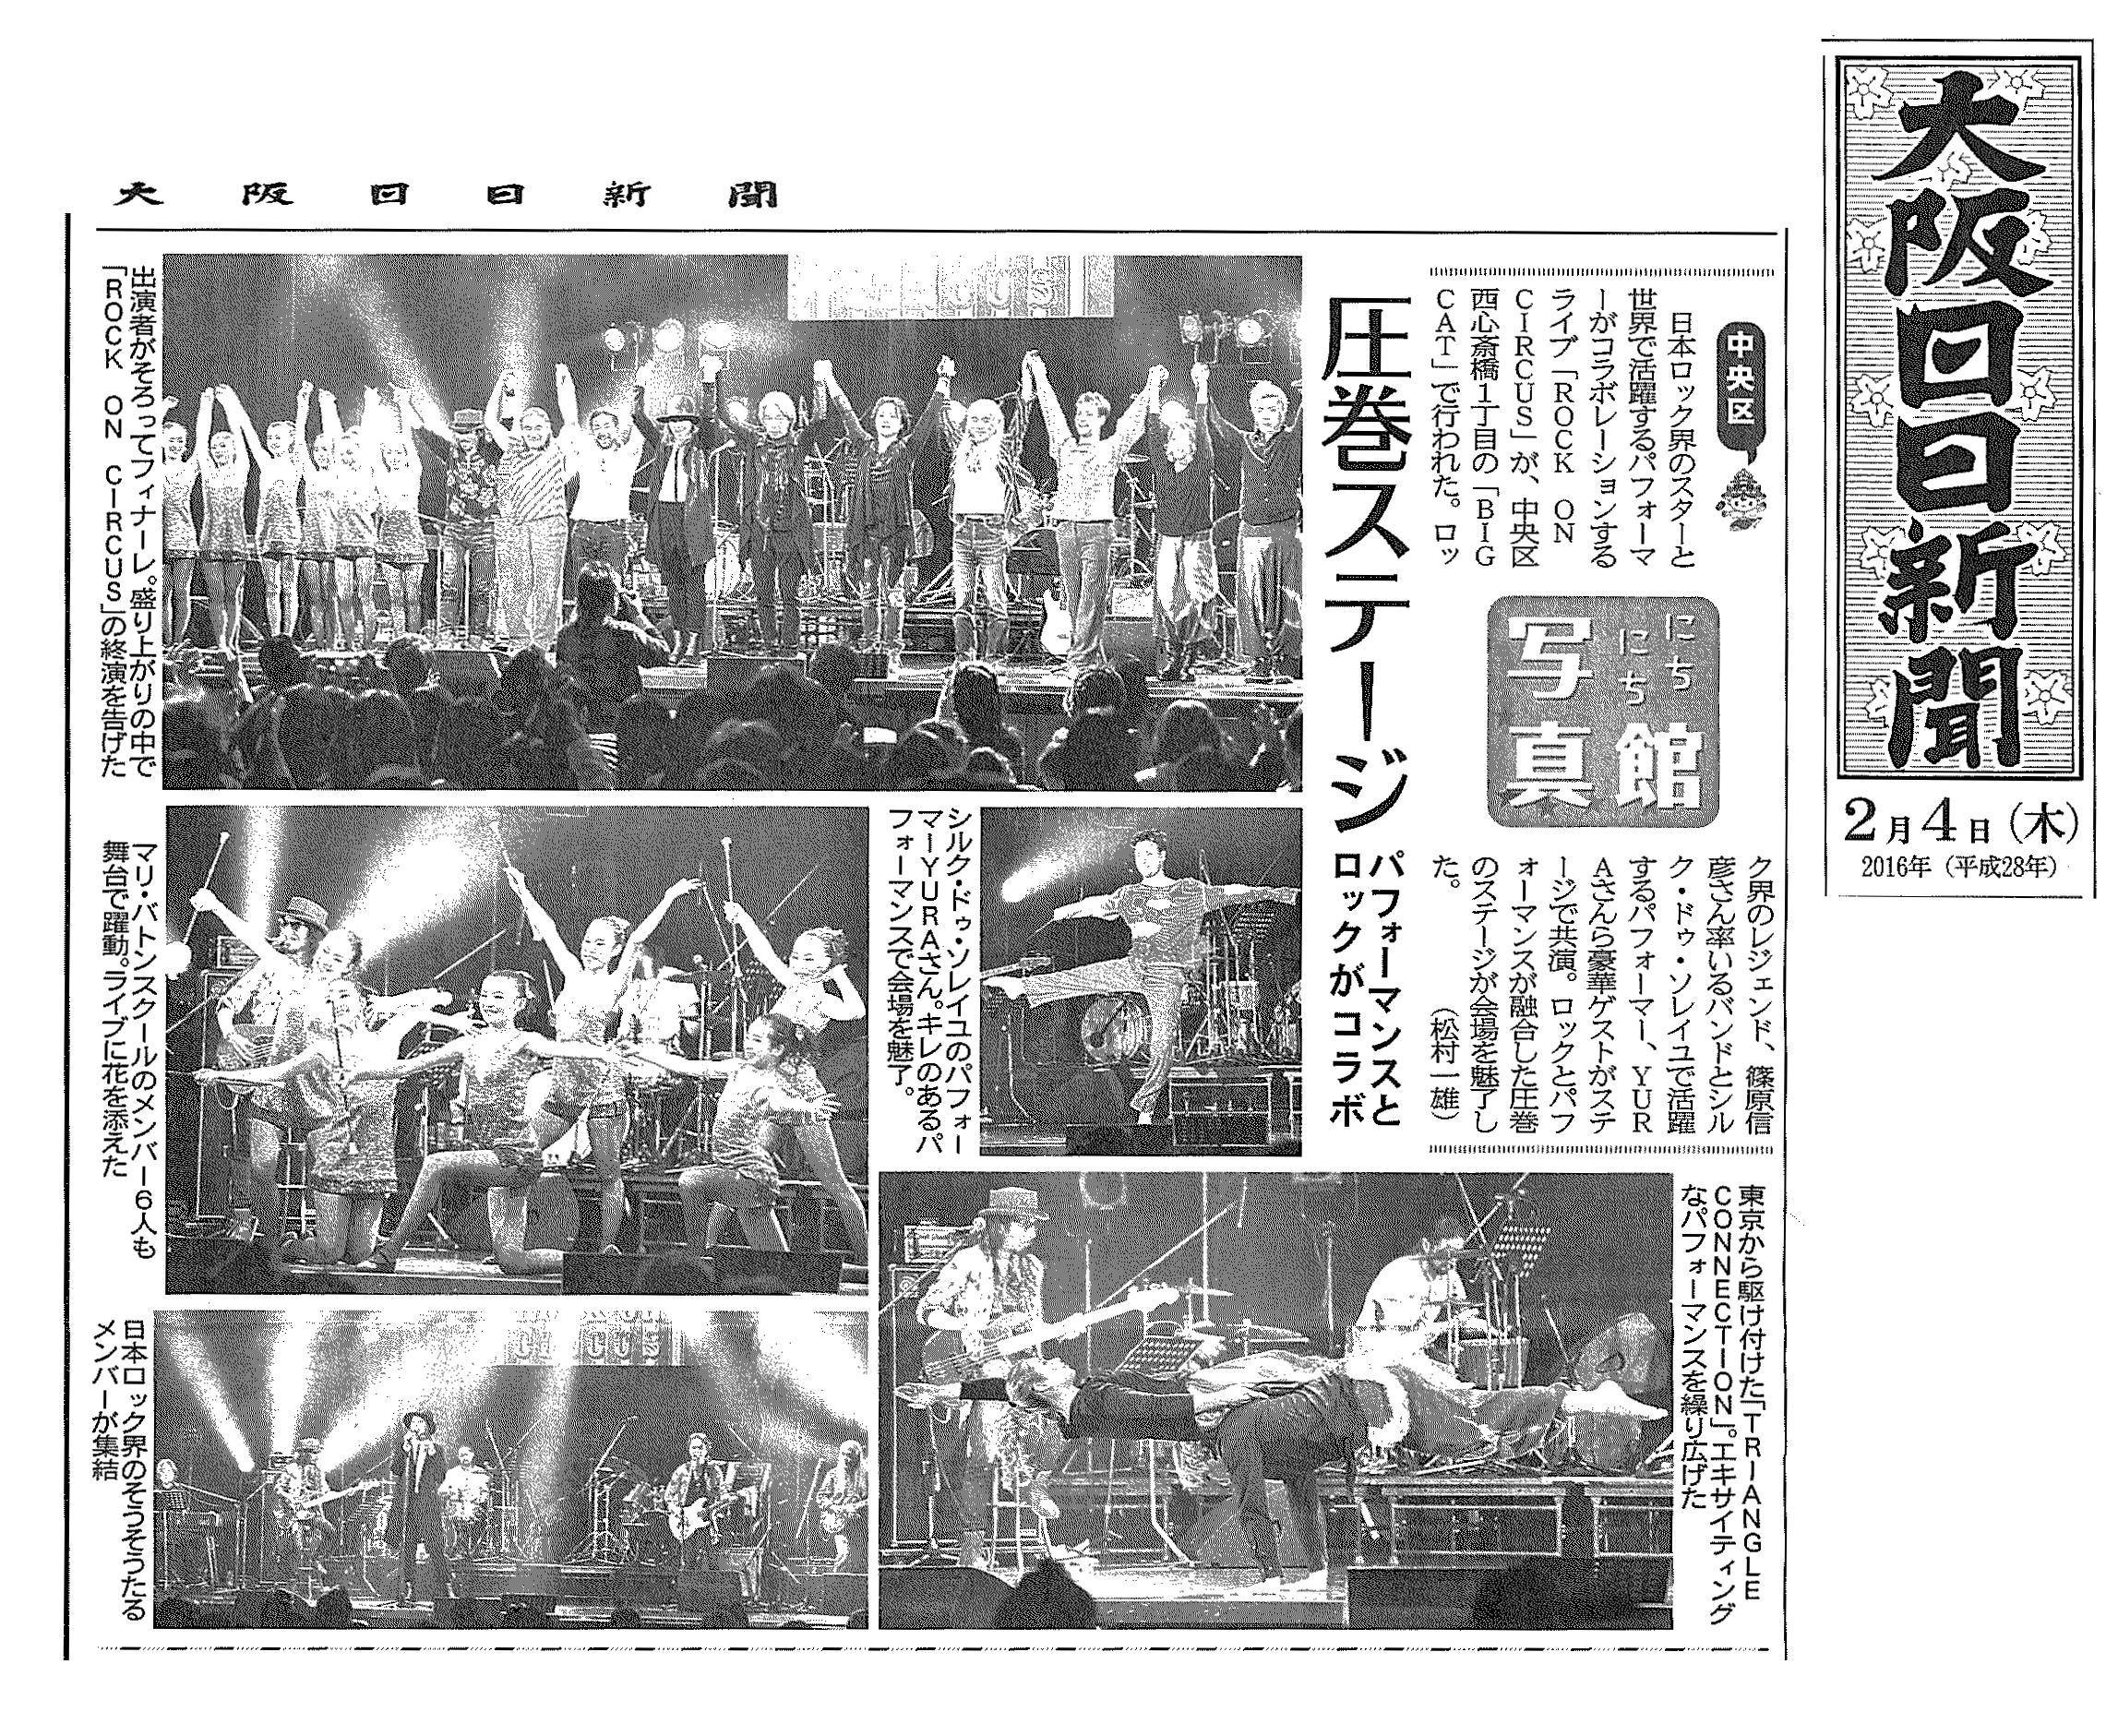 2016大阪日日新聞-01+02